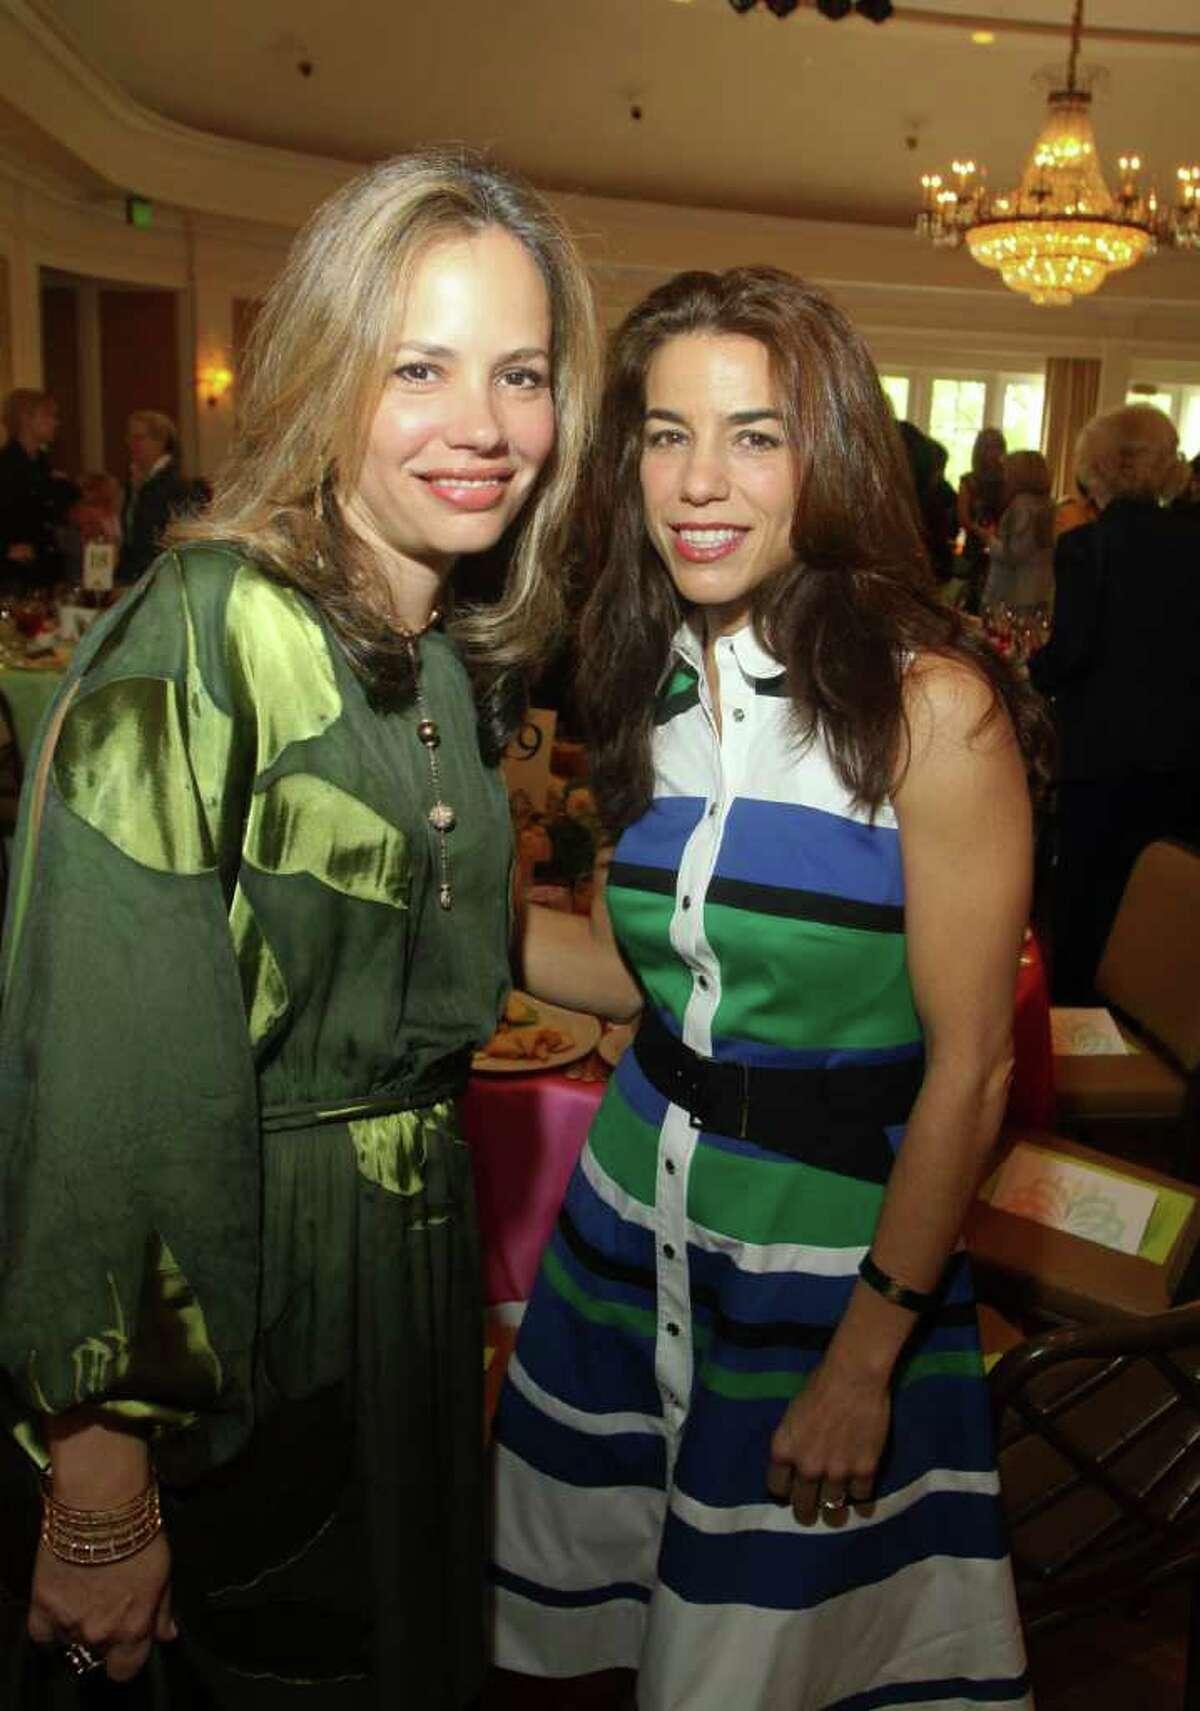 Hilda Curran, left, and Karen Haug